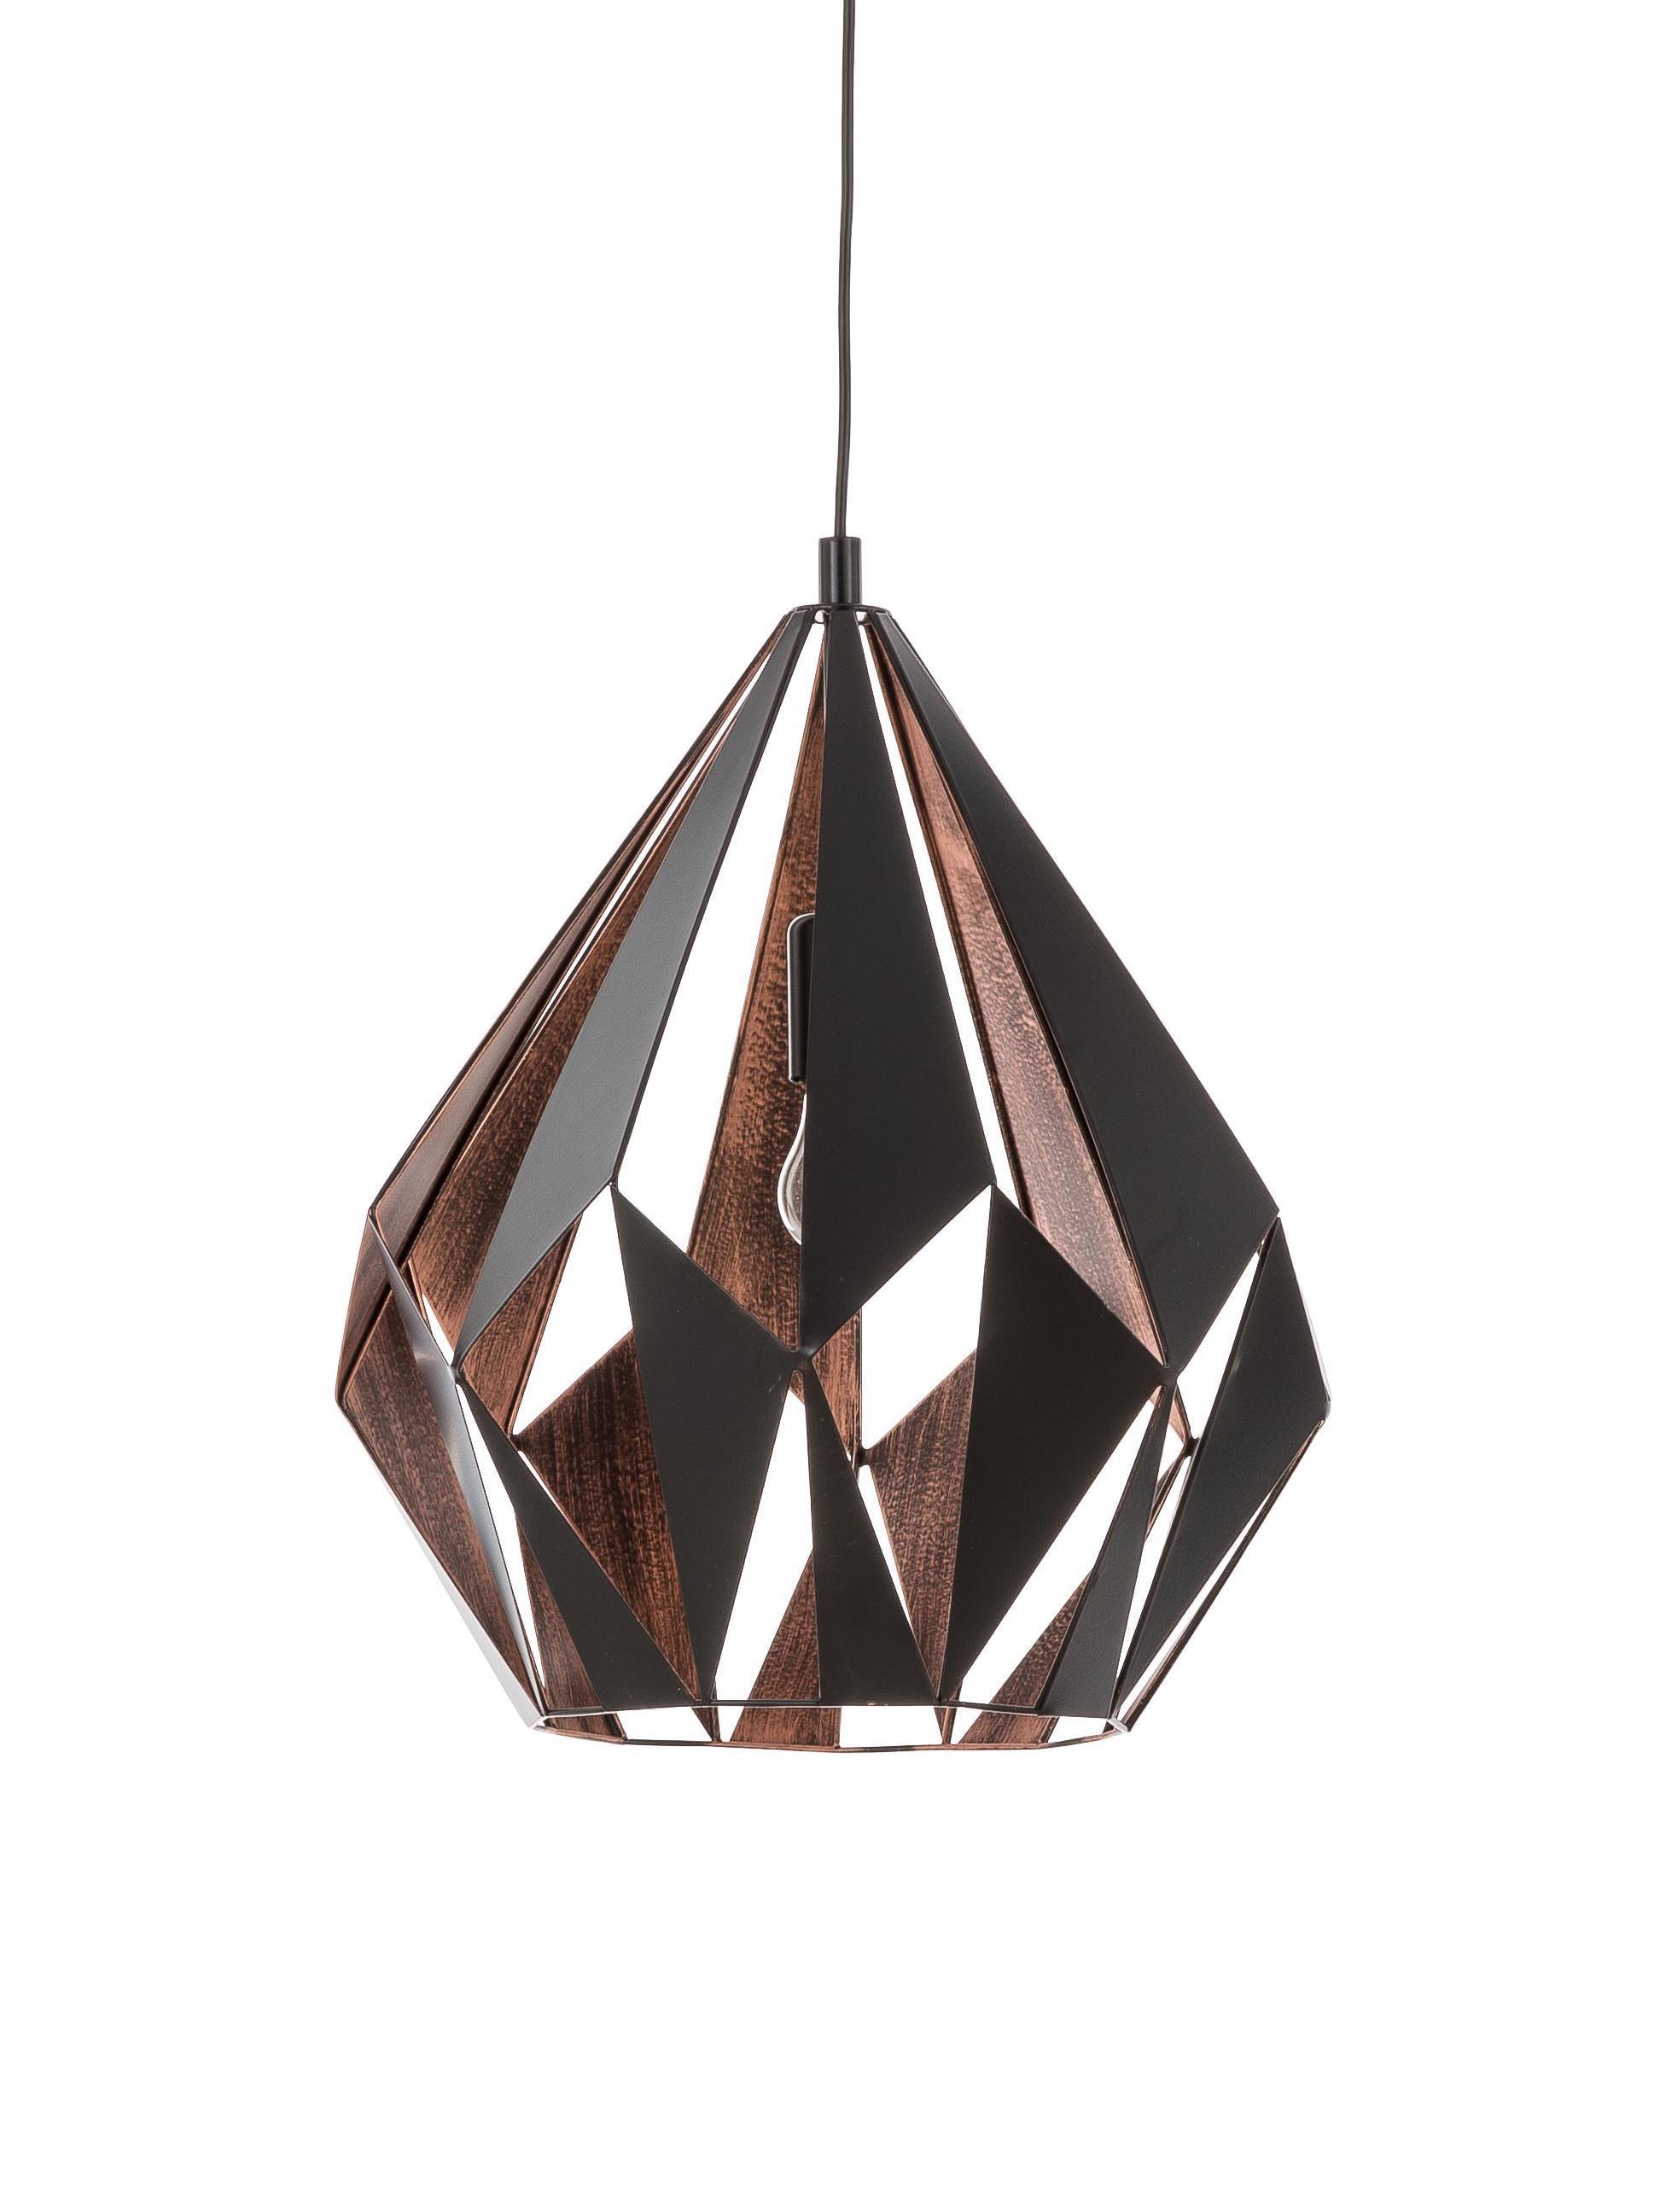 Pendelleuchte Carlton, Stahl, lackiert, Schwarz, Kupferfarben, Ø 31 x H 42 cm